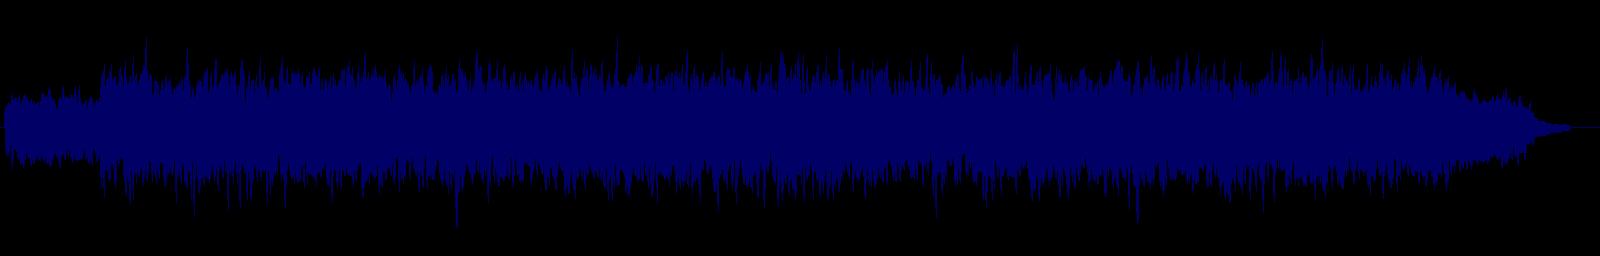 waveform of track #145906